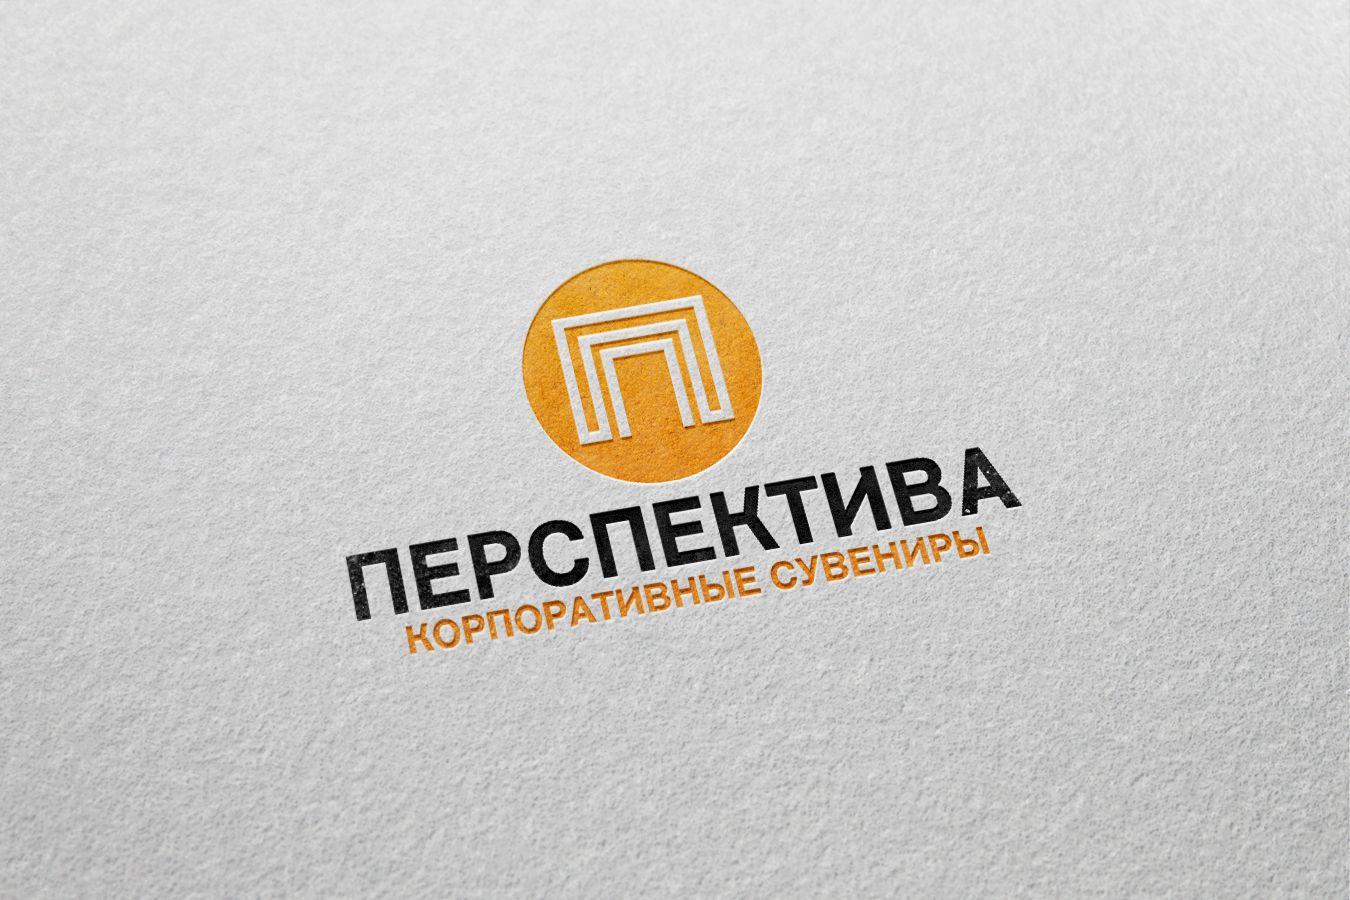 Логотип для компании  - дизайнер IgorTsar